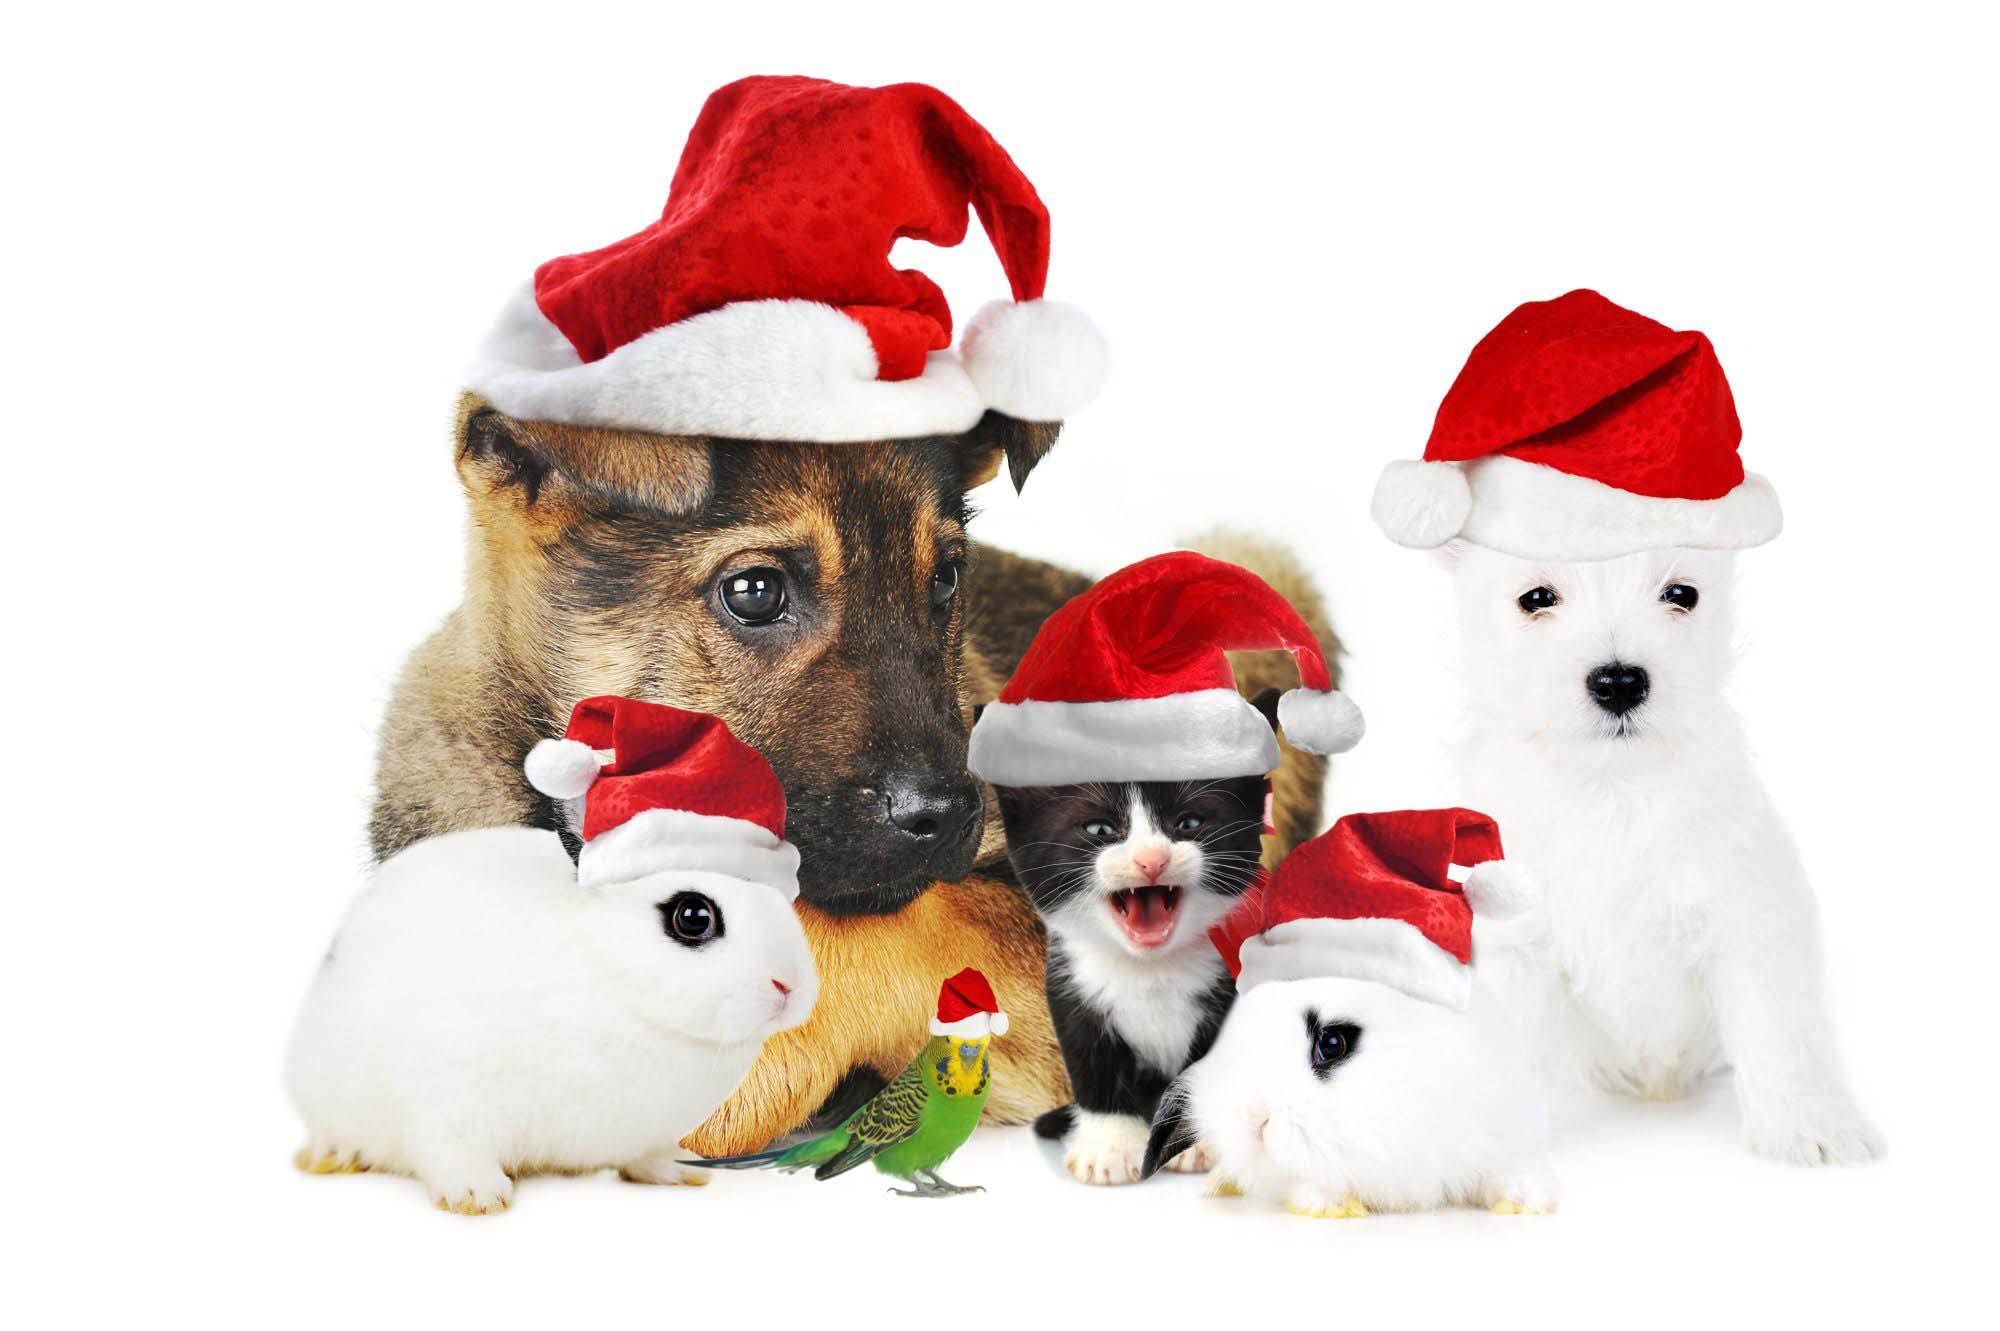 Fijne kerstdagen en de beste kerstwensen voor mens en dier - DierenBox